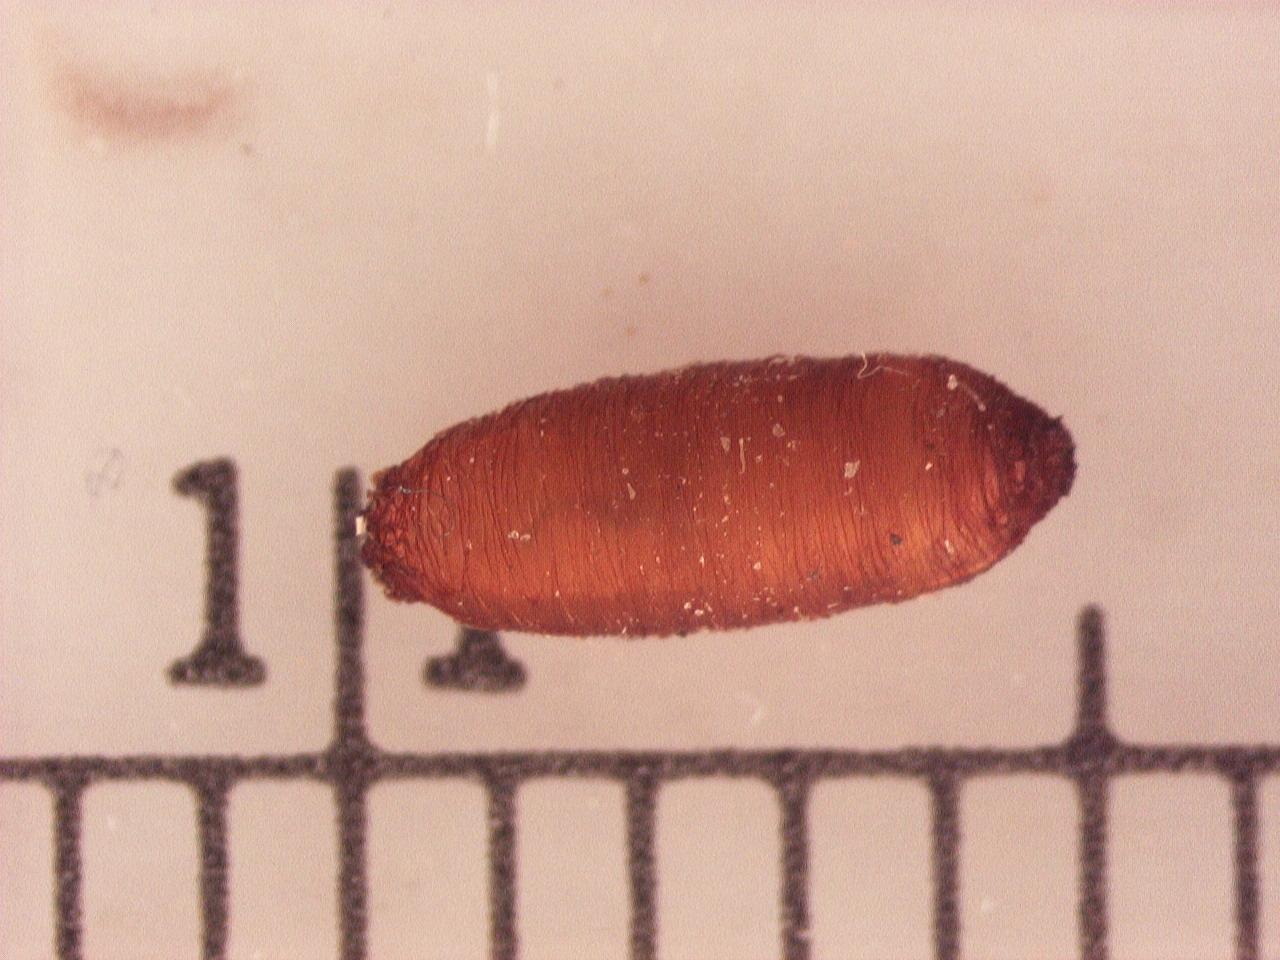 Fullsize Of Maggots In House